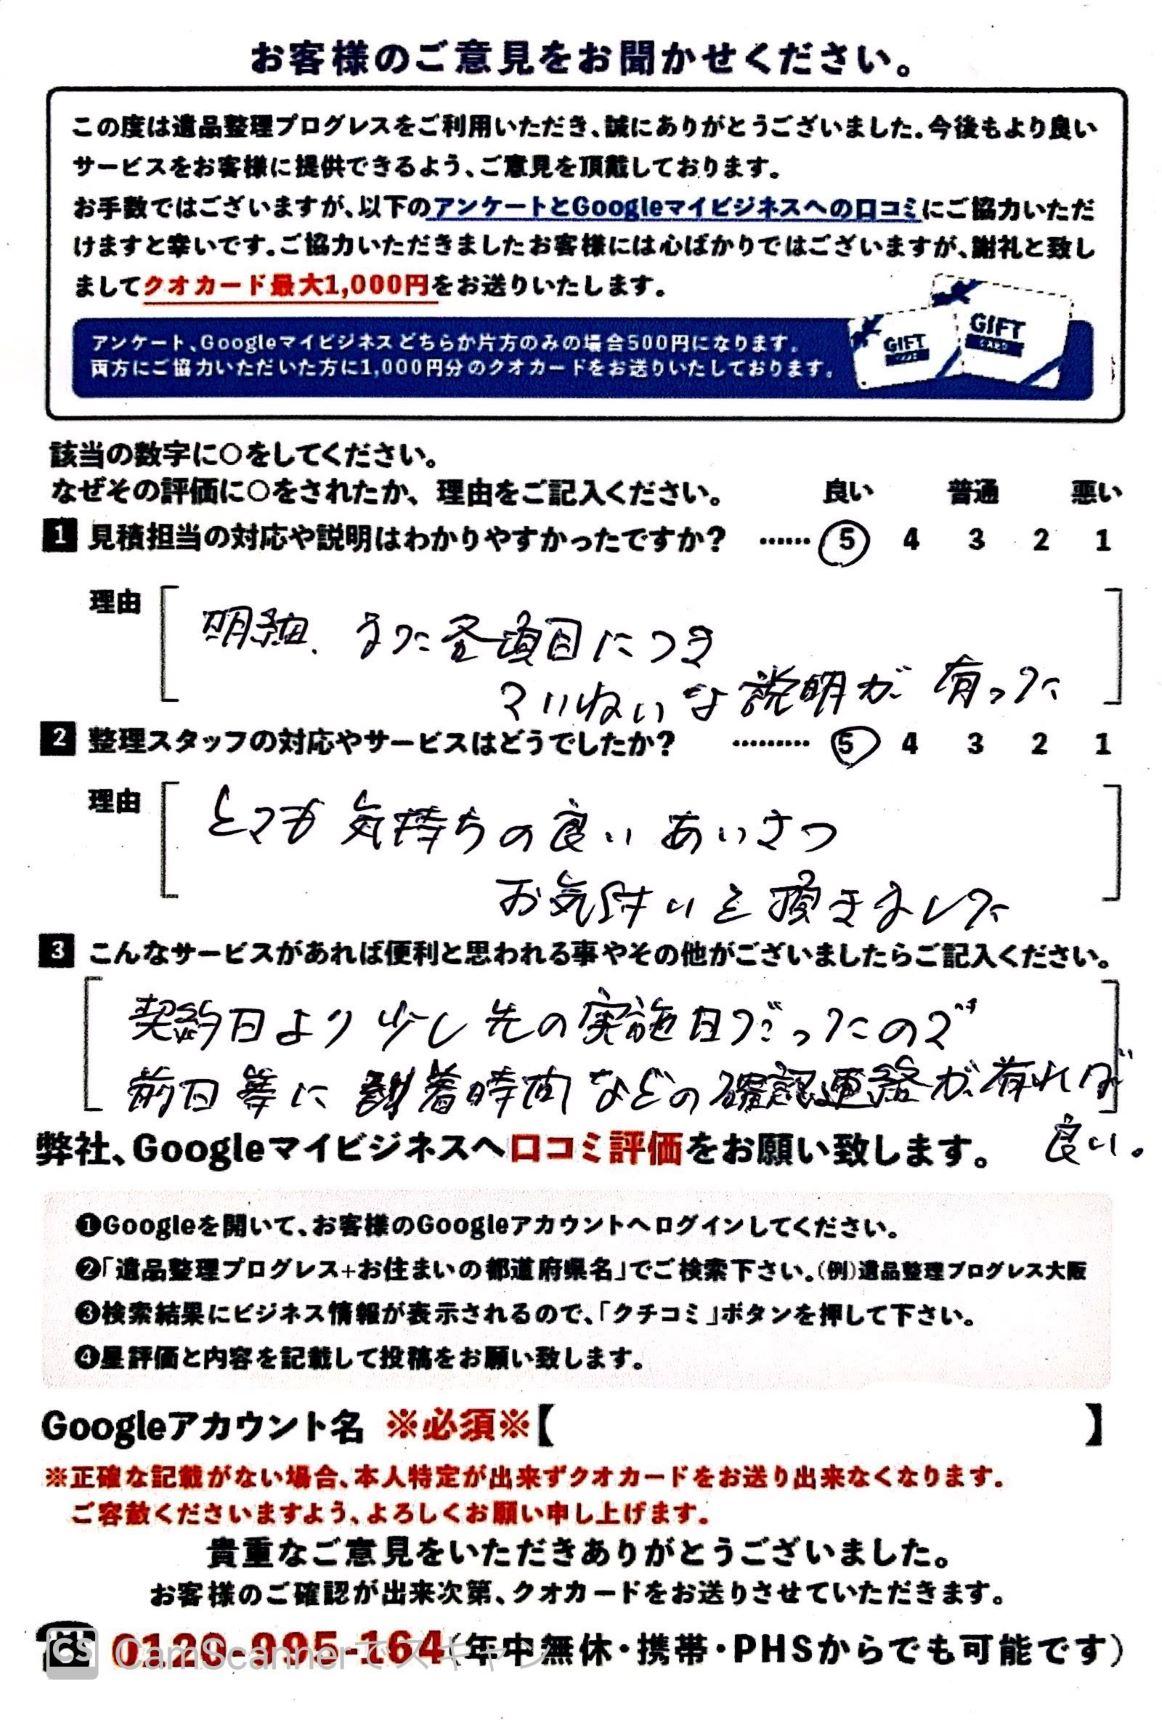 東京都杉並区 K・K様のアンケート用紙